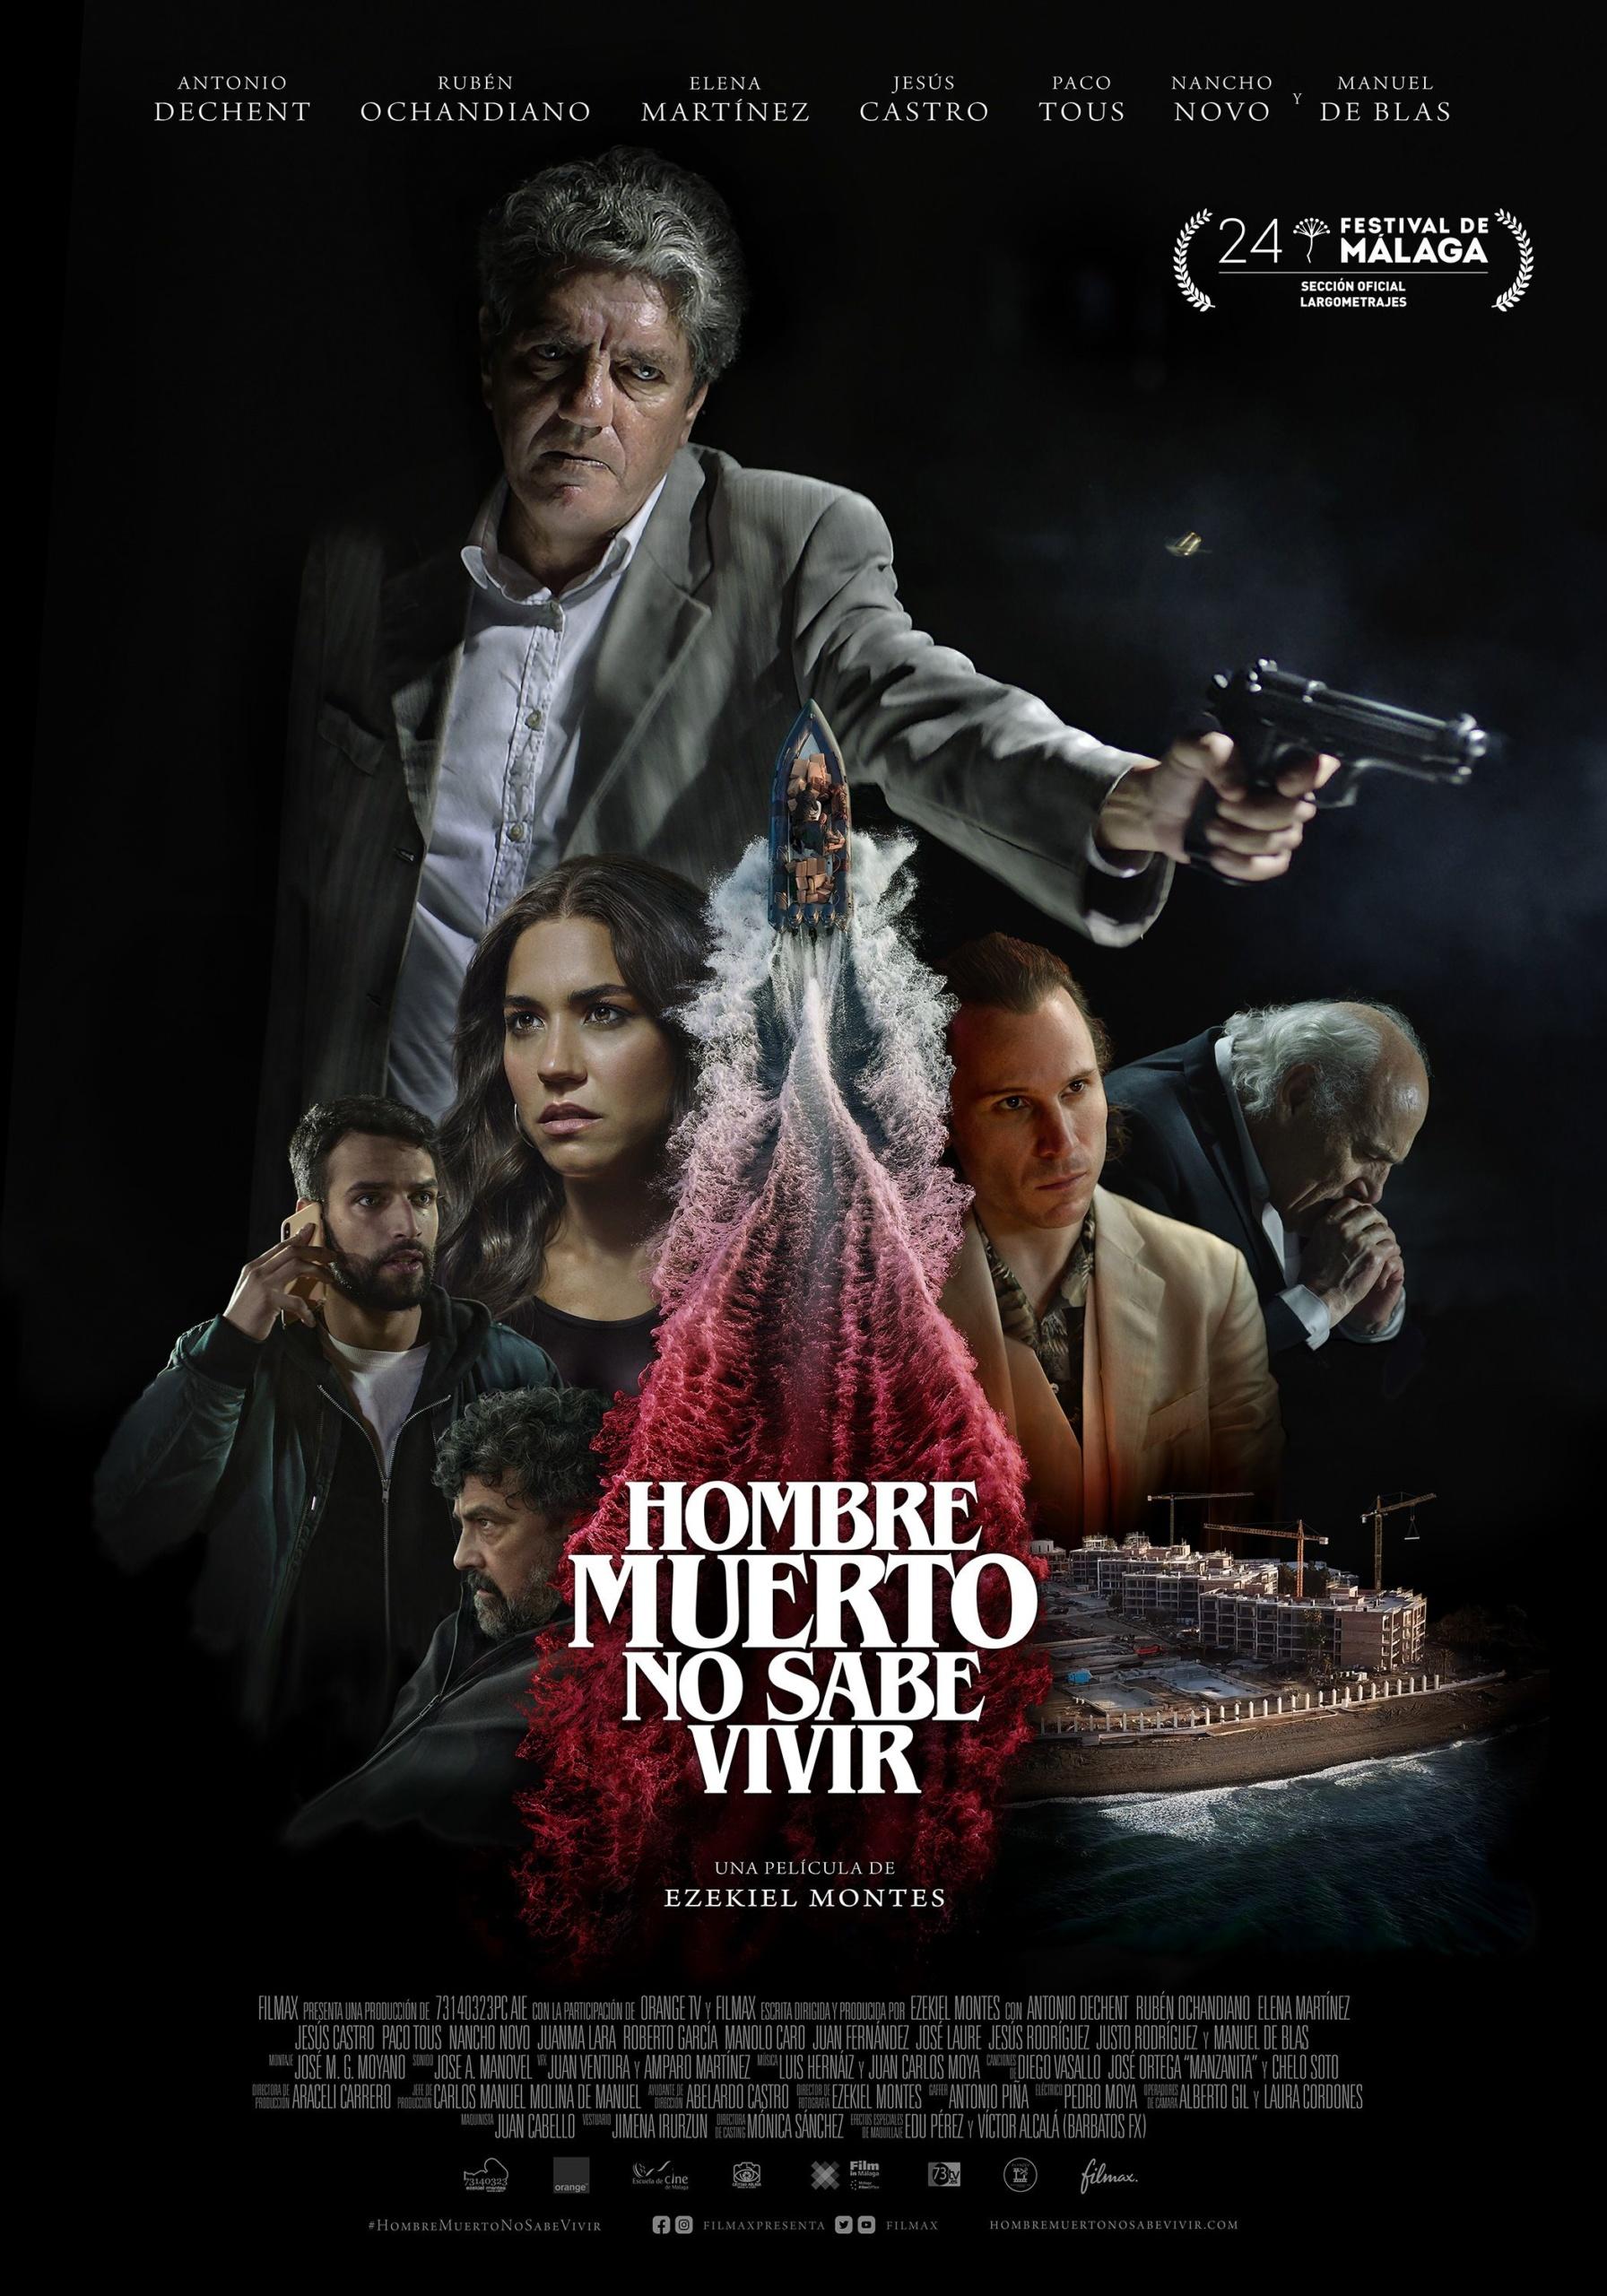 Hombre Muerto No Sabe Vivir - Banda Sonora (junto a Luis Hernáiz, Chelo Soto y Fran Moya)